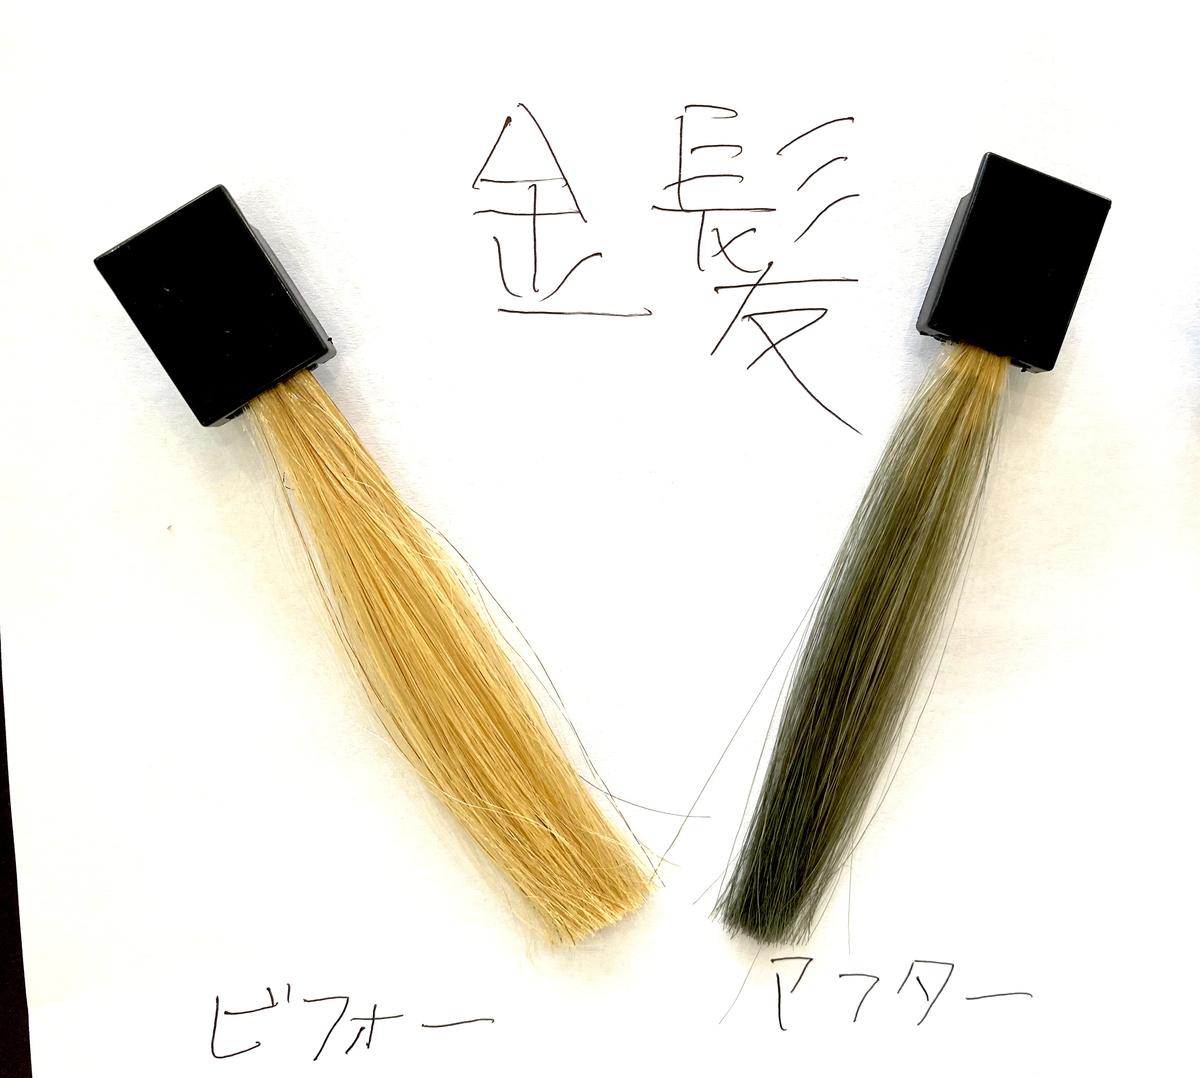 画黒左が金髪で画面右が金髪に925シルバーで染めた仕上がり